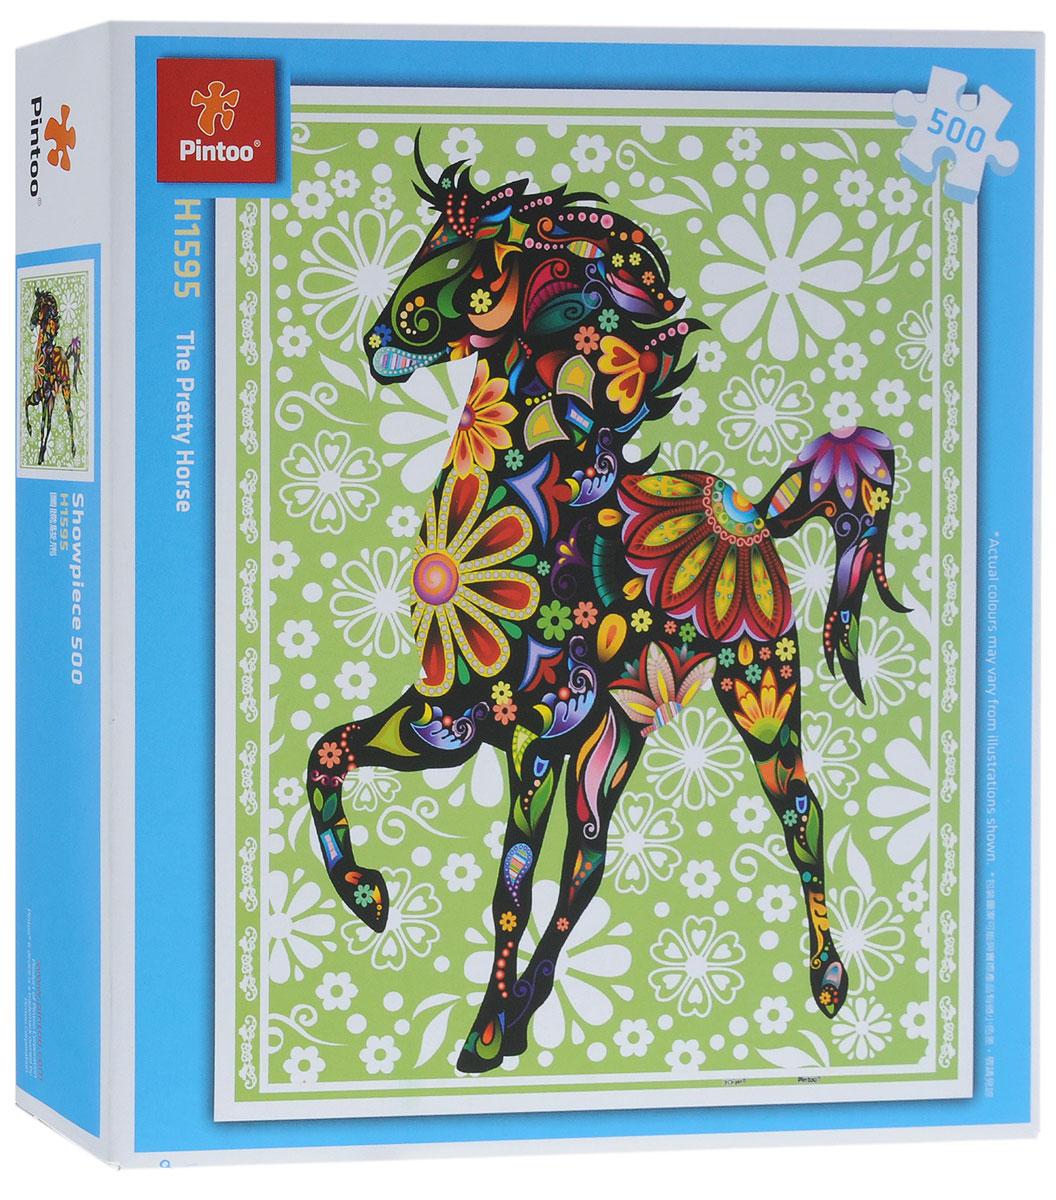 Pintoo Пазл Прекрасная лошадьН1595Пазл Pintoo Прекрасная лошадь, без сомнения, придется вам по душе. Собрав пазл из 500 элементов, вы получите картину с изображением силуэта лошади, украшенного мозаикой из цветов. Элементы выполнены из пластика и соединяются между собой методом замка (как ламинат), поэтому собранная картина очень крепко держится, при этом ее всегда можно разобрать и собрать снова. Пазлы - прекрасное антистрессовое средство для взрослых и замечательная развивающая игра для детей. Собирание пазла развивает у ребенка мелкую моторику рук, тренирует наблюдательность, логическое мышление, знакомит с окружающим миром, с цветом и разнообразными формами, учит усидчивости и терпению, аккуратности и вниманию. Собирание пазла - прекрасное времяпрепровождение для всей семьи.